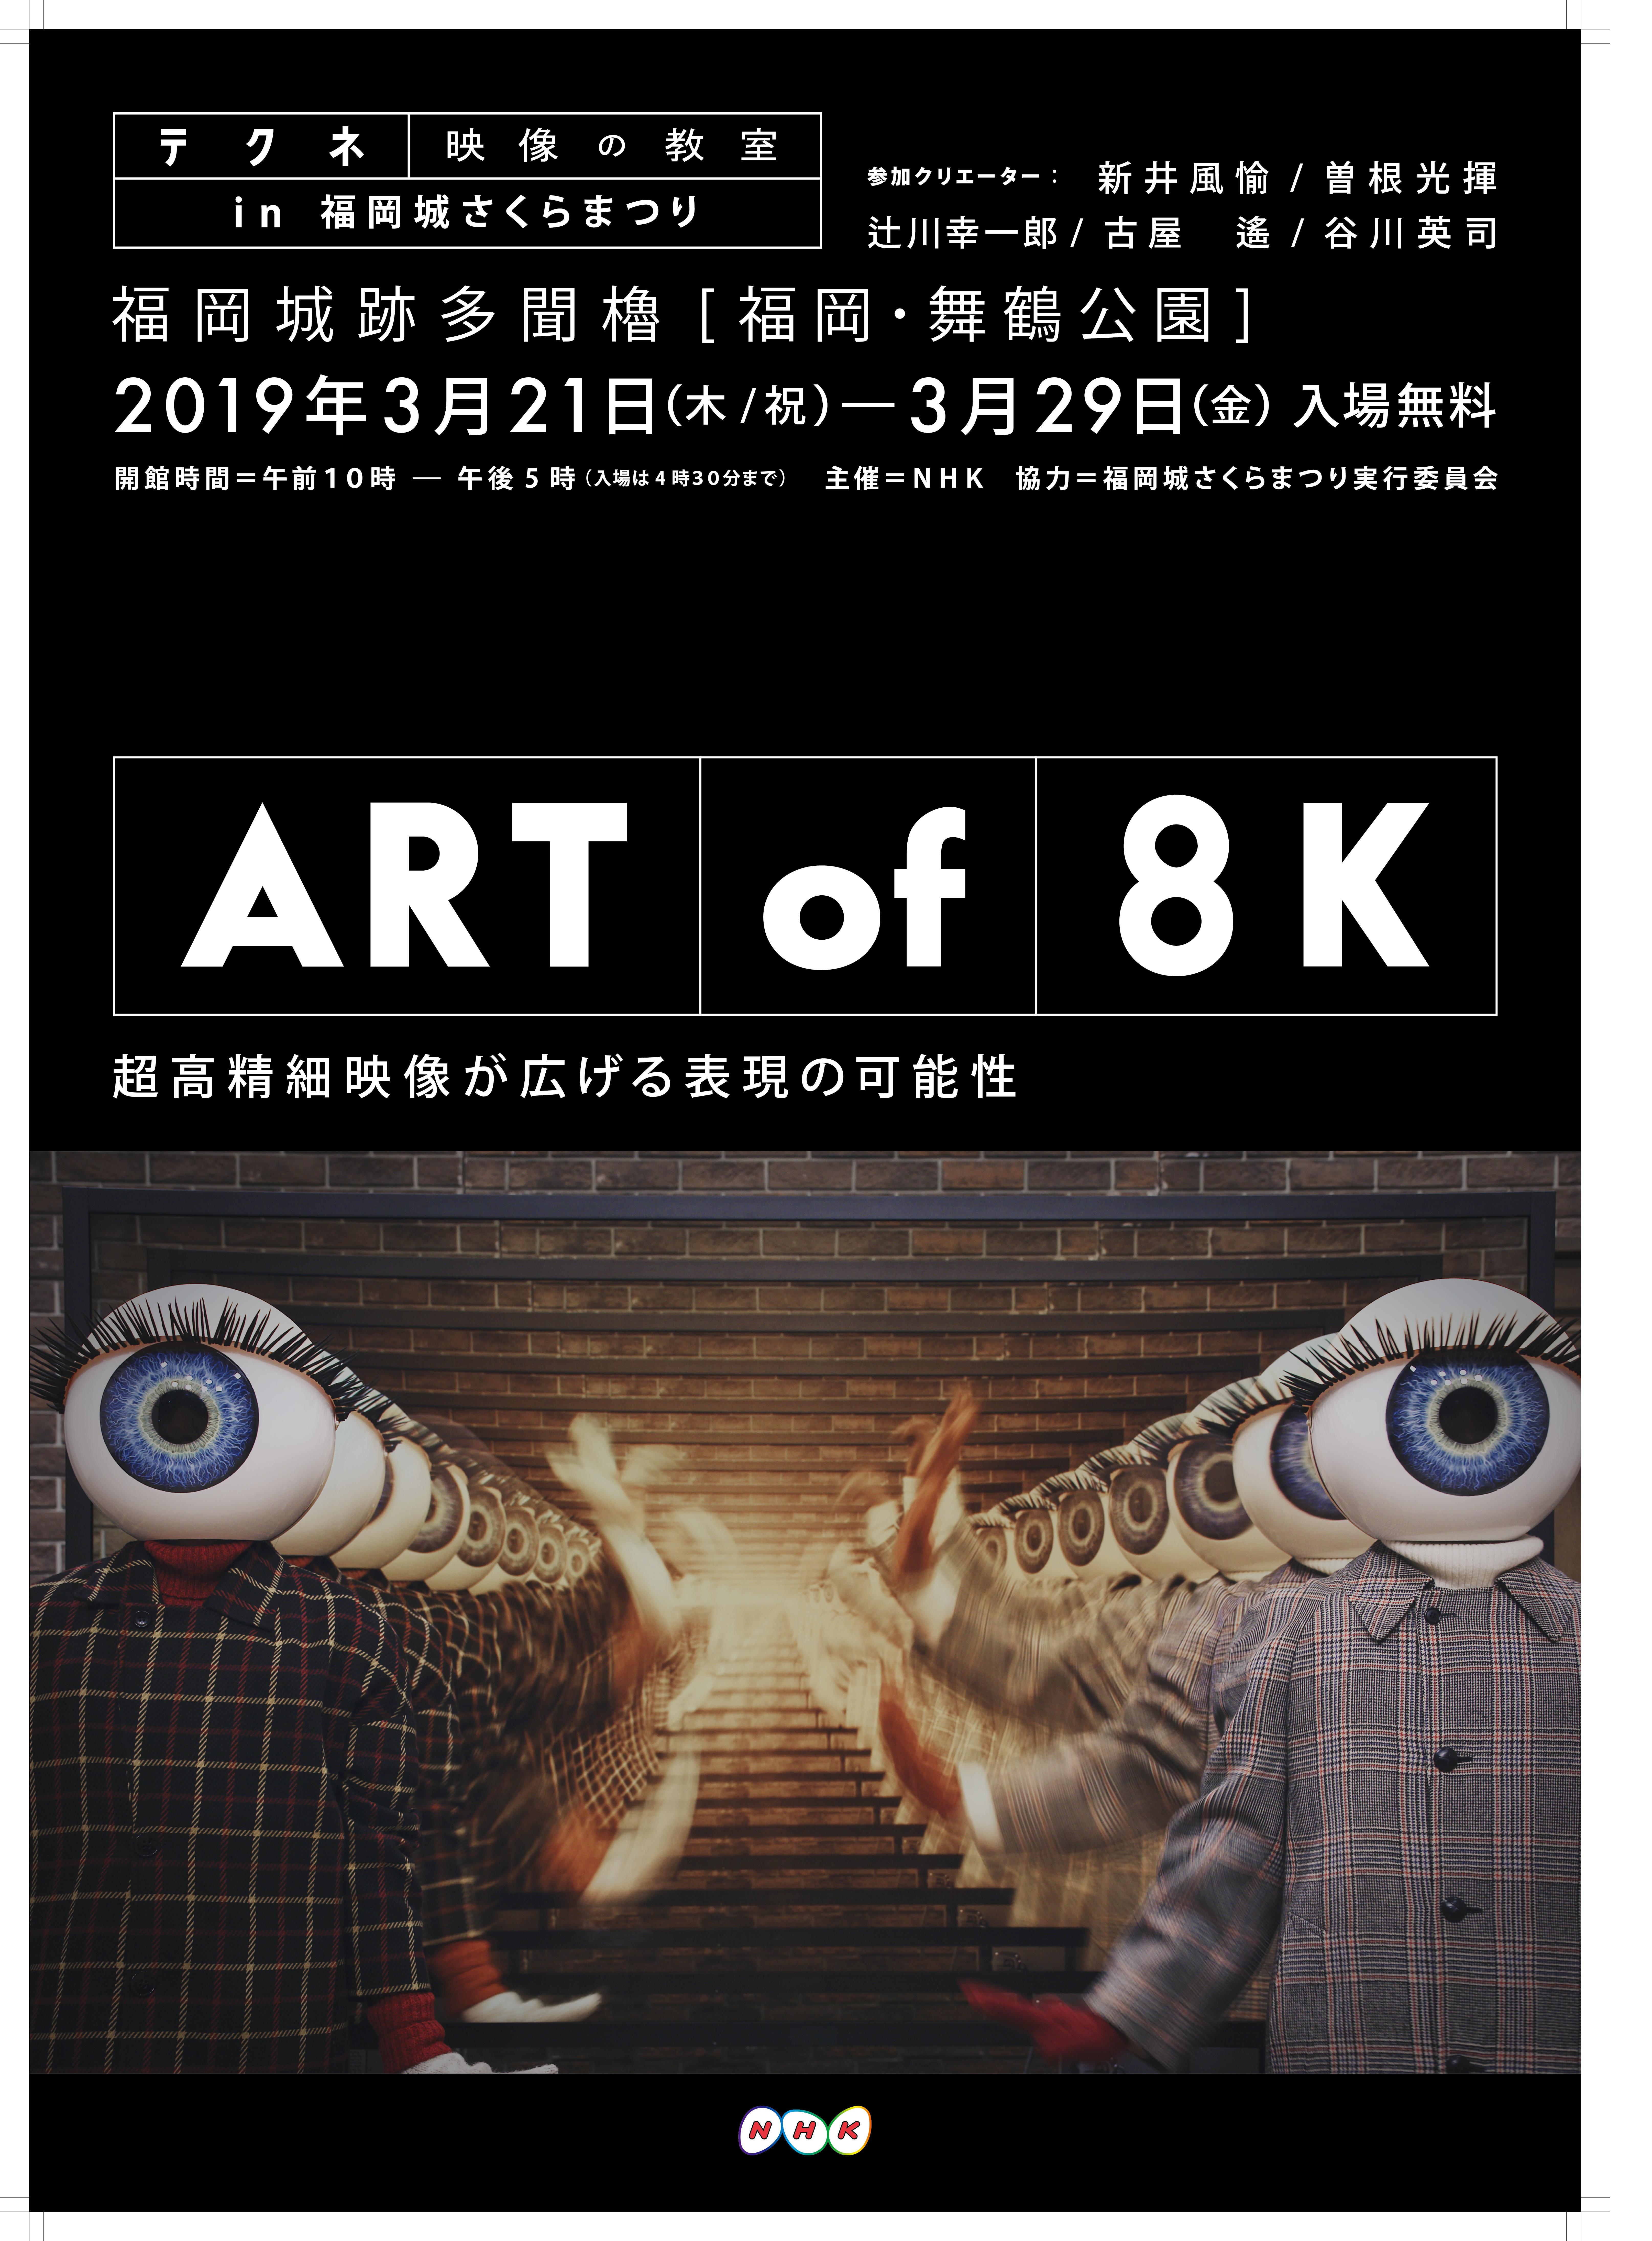 ART of 8K テクネ 映像の教室 in 福岡城さくらまつり